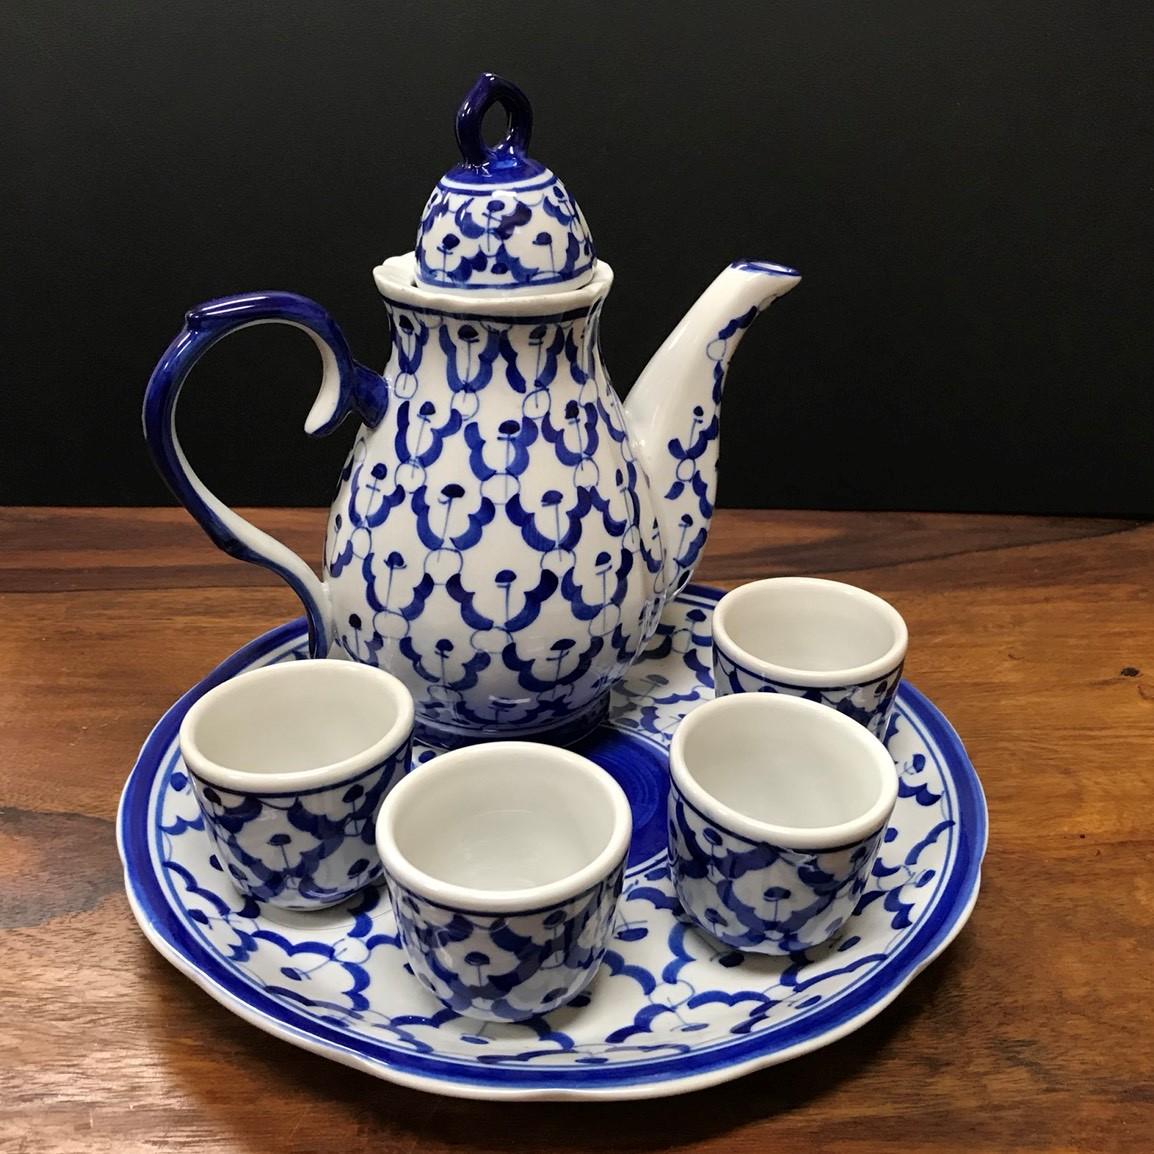 ブルー&ホワイト食器/タイ食器